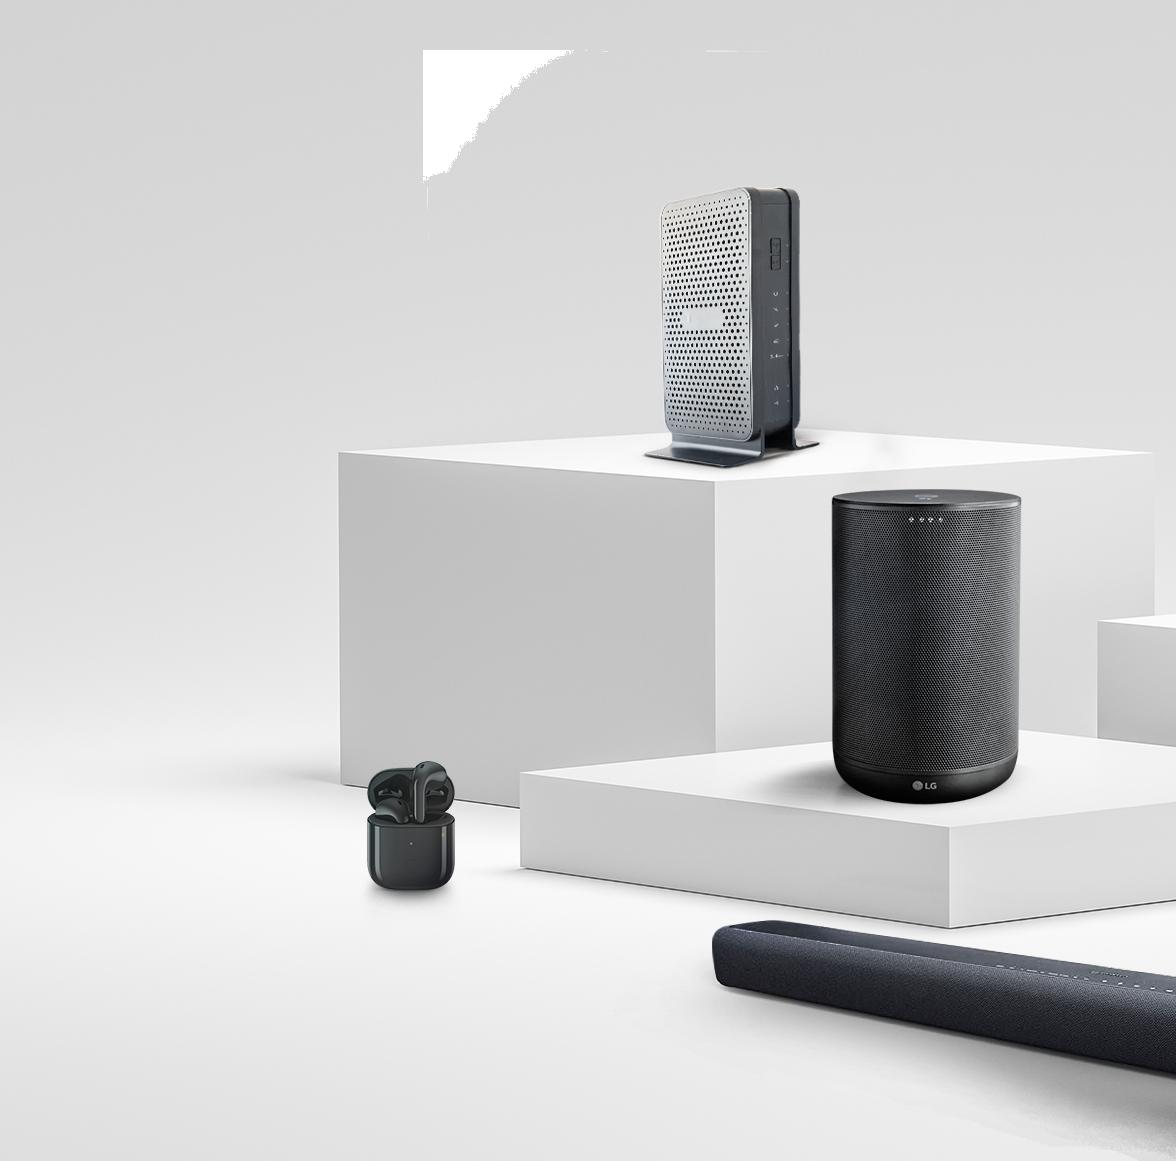 Speaker-1176x1161